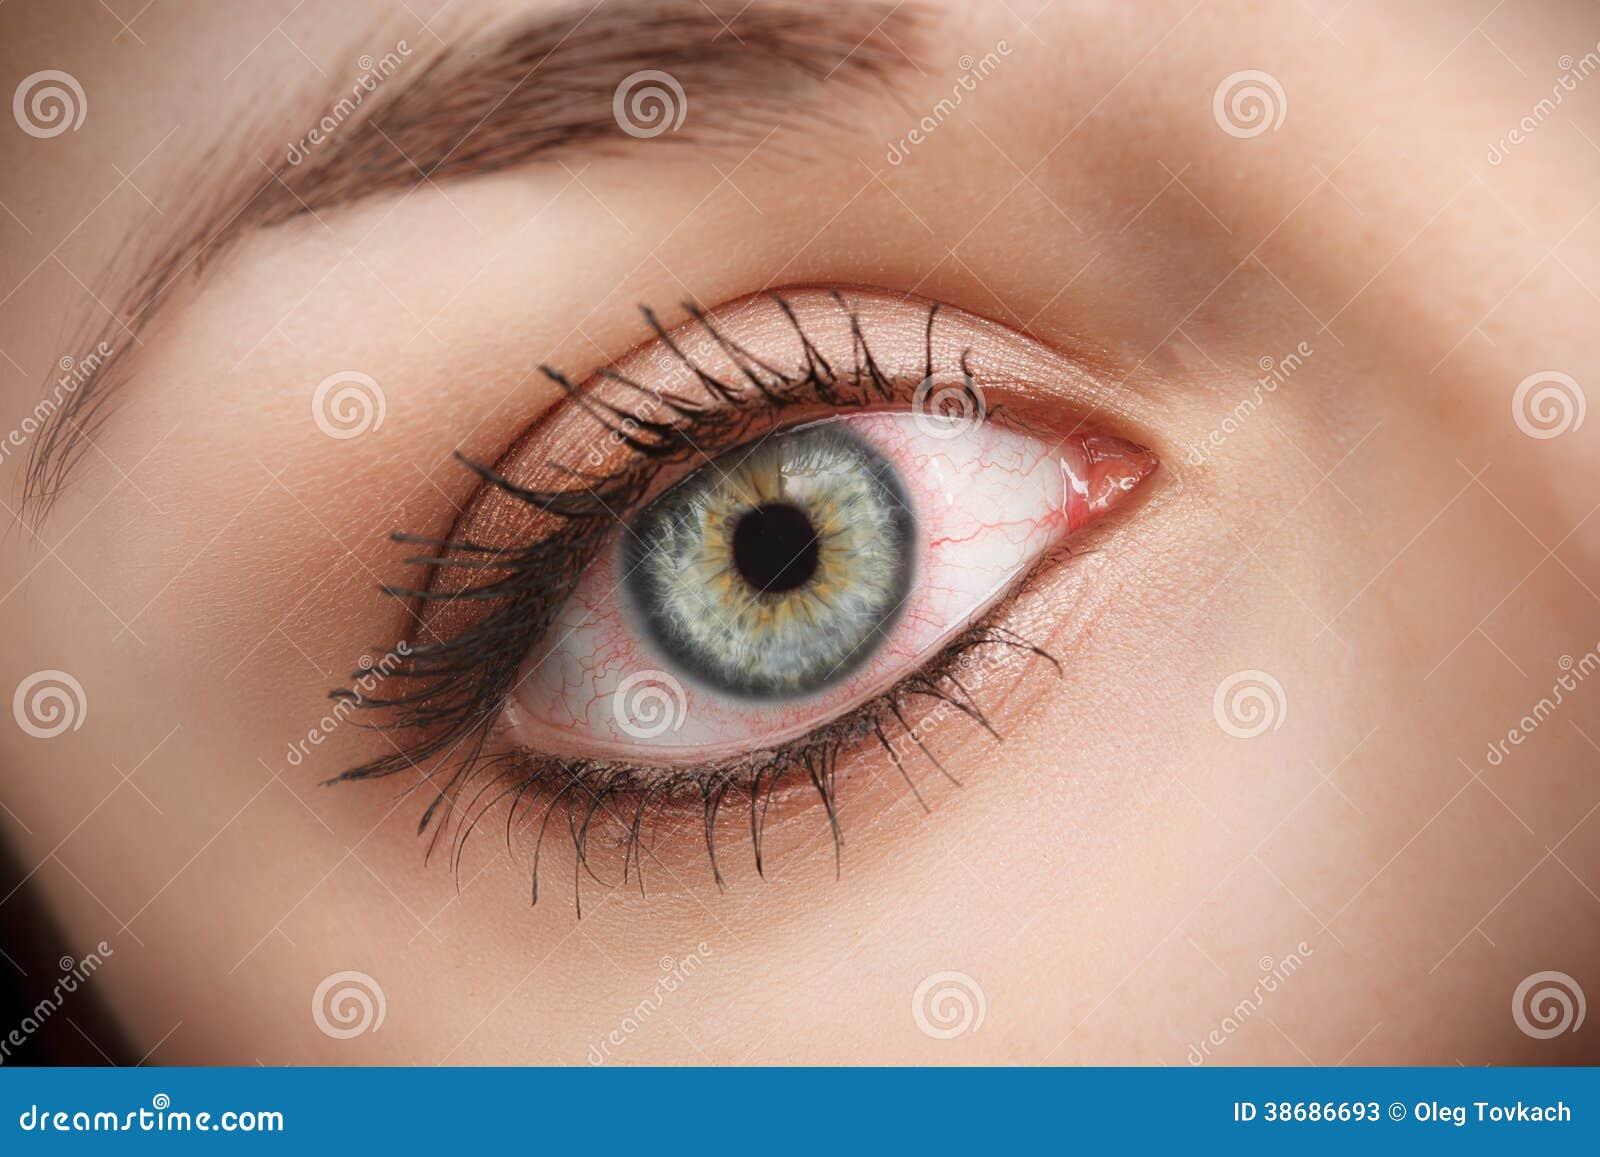 blodkärl som brister i ögat